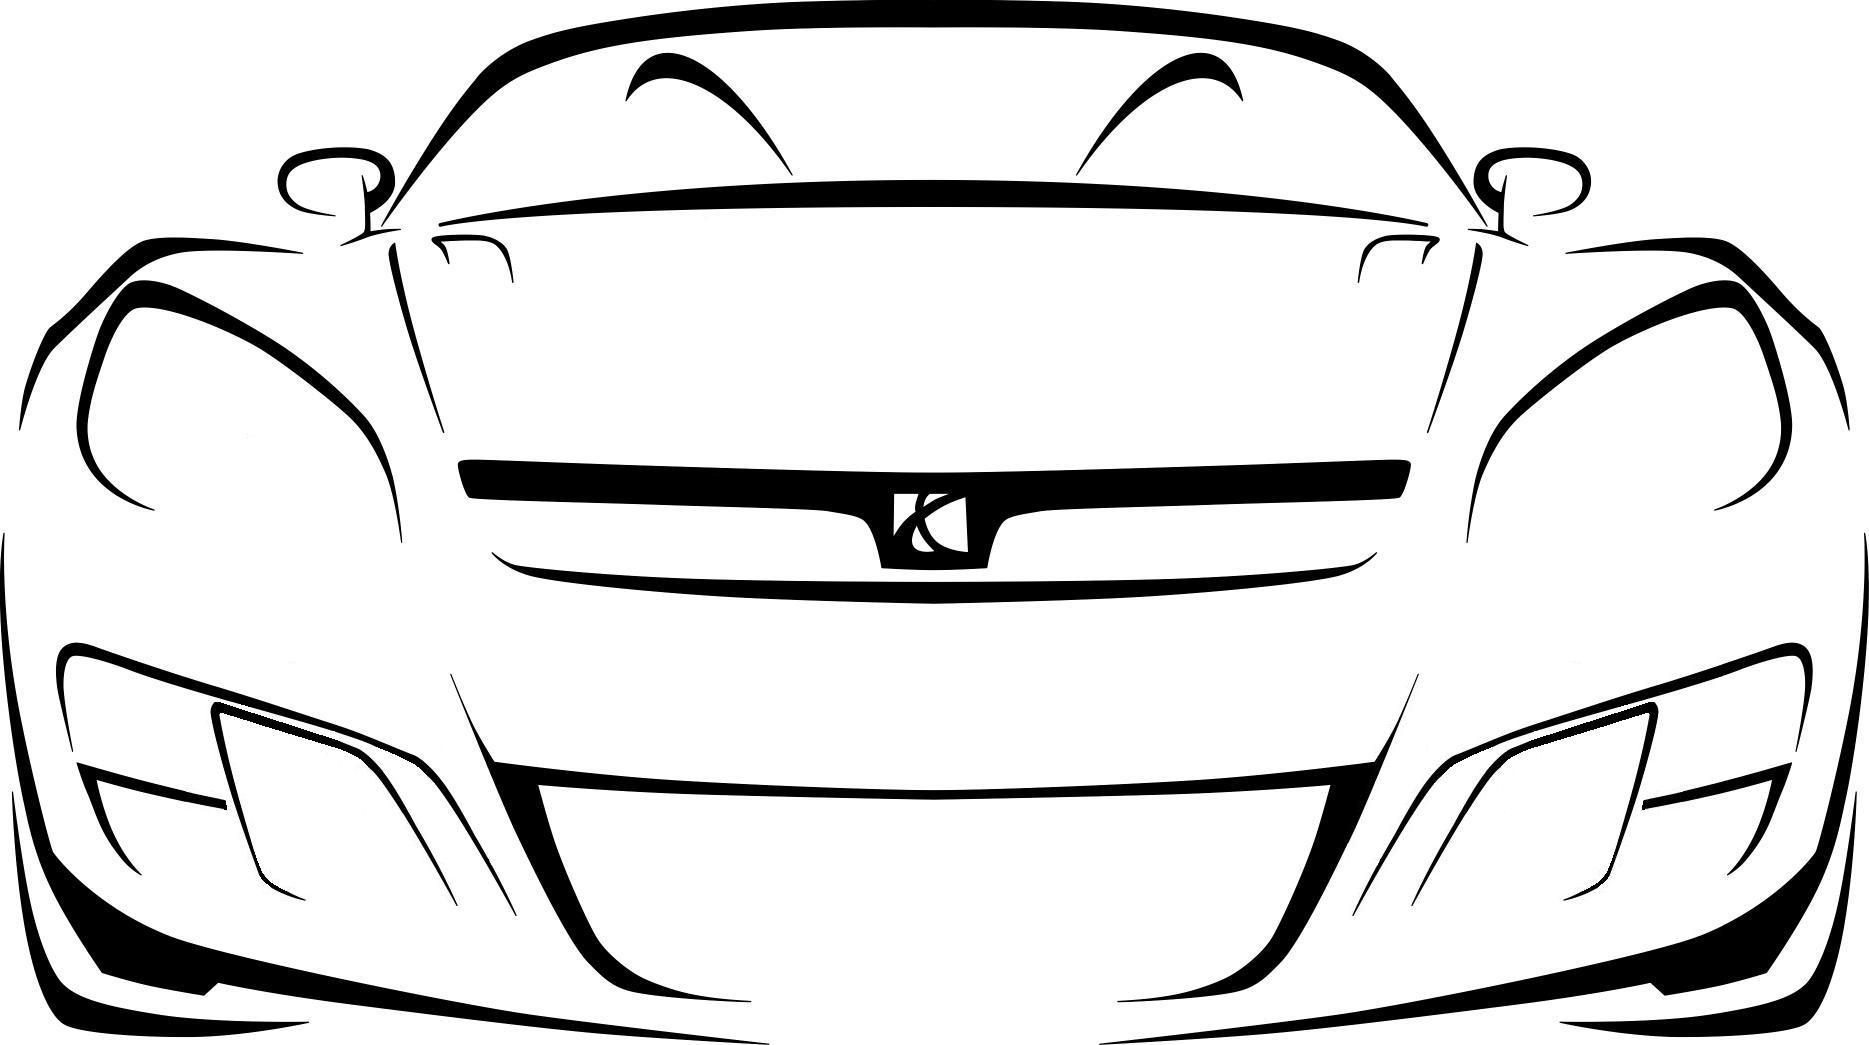 1869x1045 Outline Of A Car